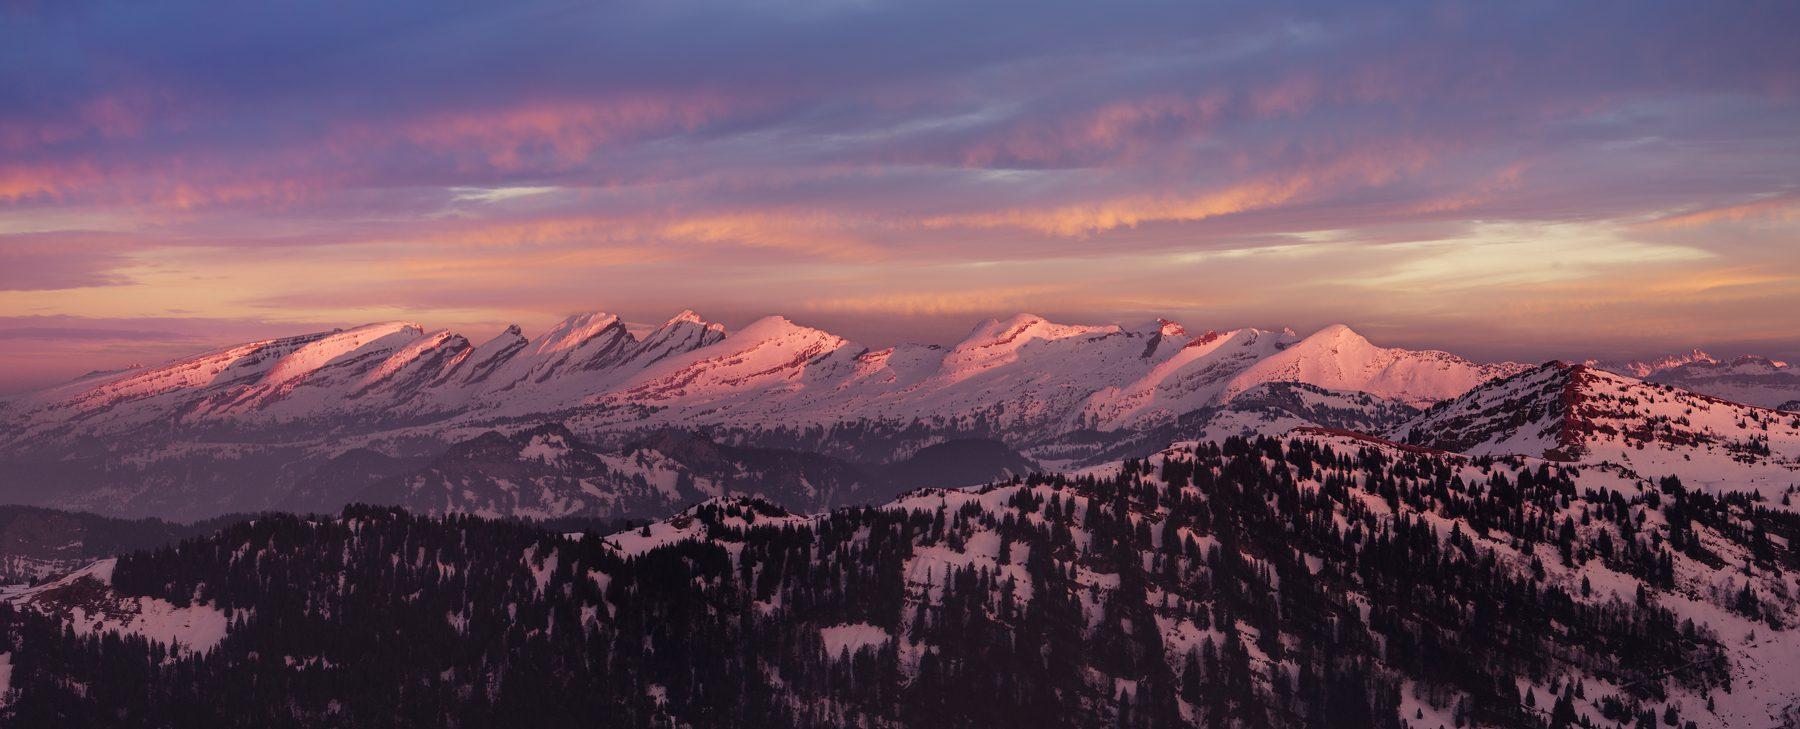 Luftaufnahme - Churfirsten - letztes Abendlich © by Gerry Pacher Photography